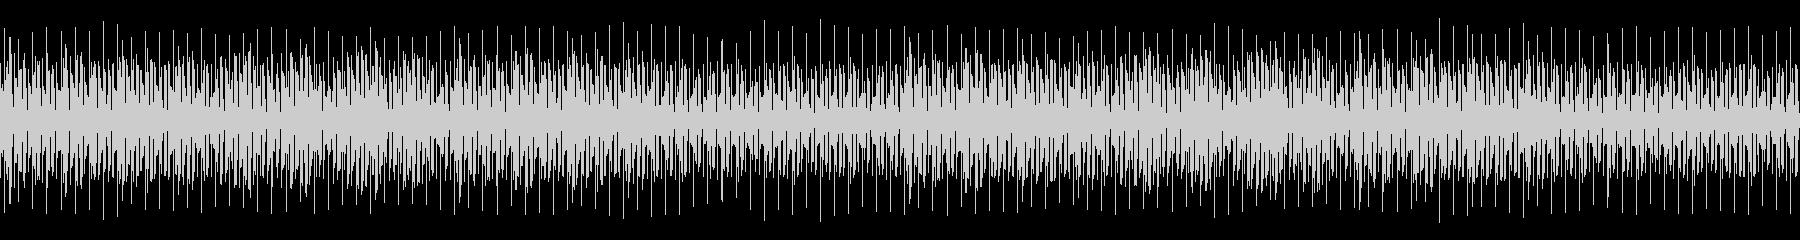 ゲーム・ほのぼの・日常・ループの未再生の波形